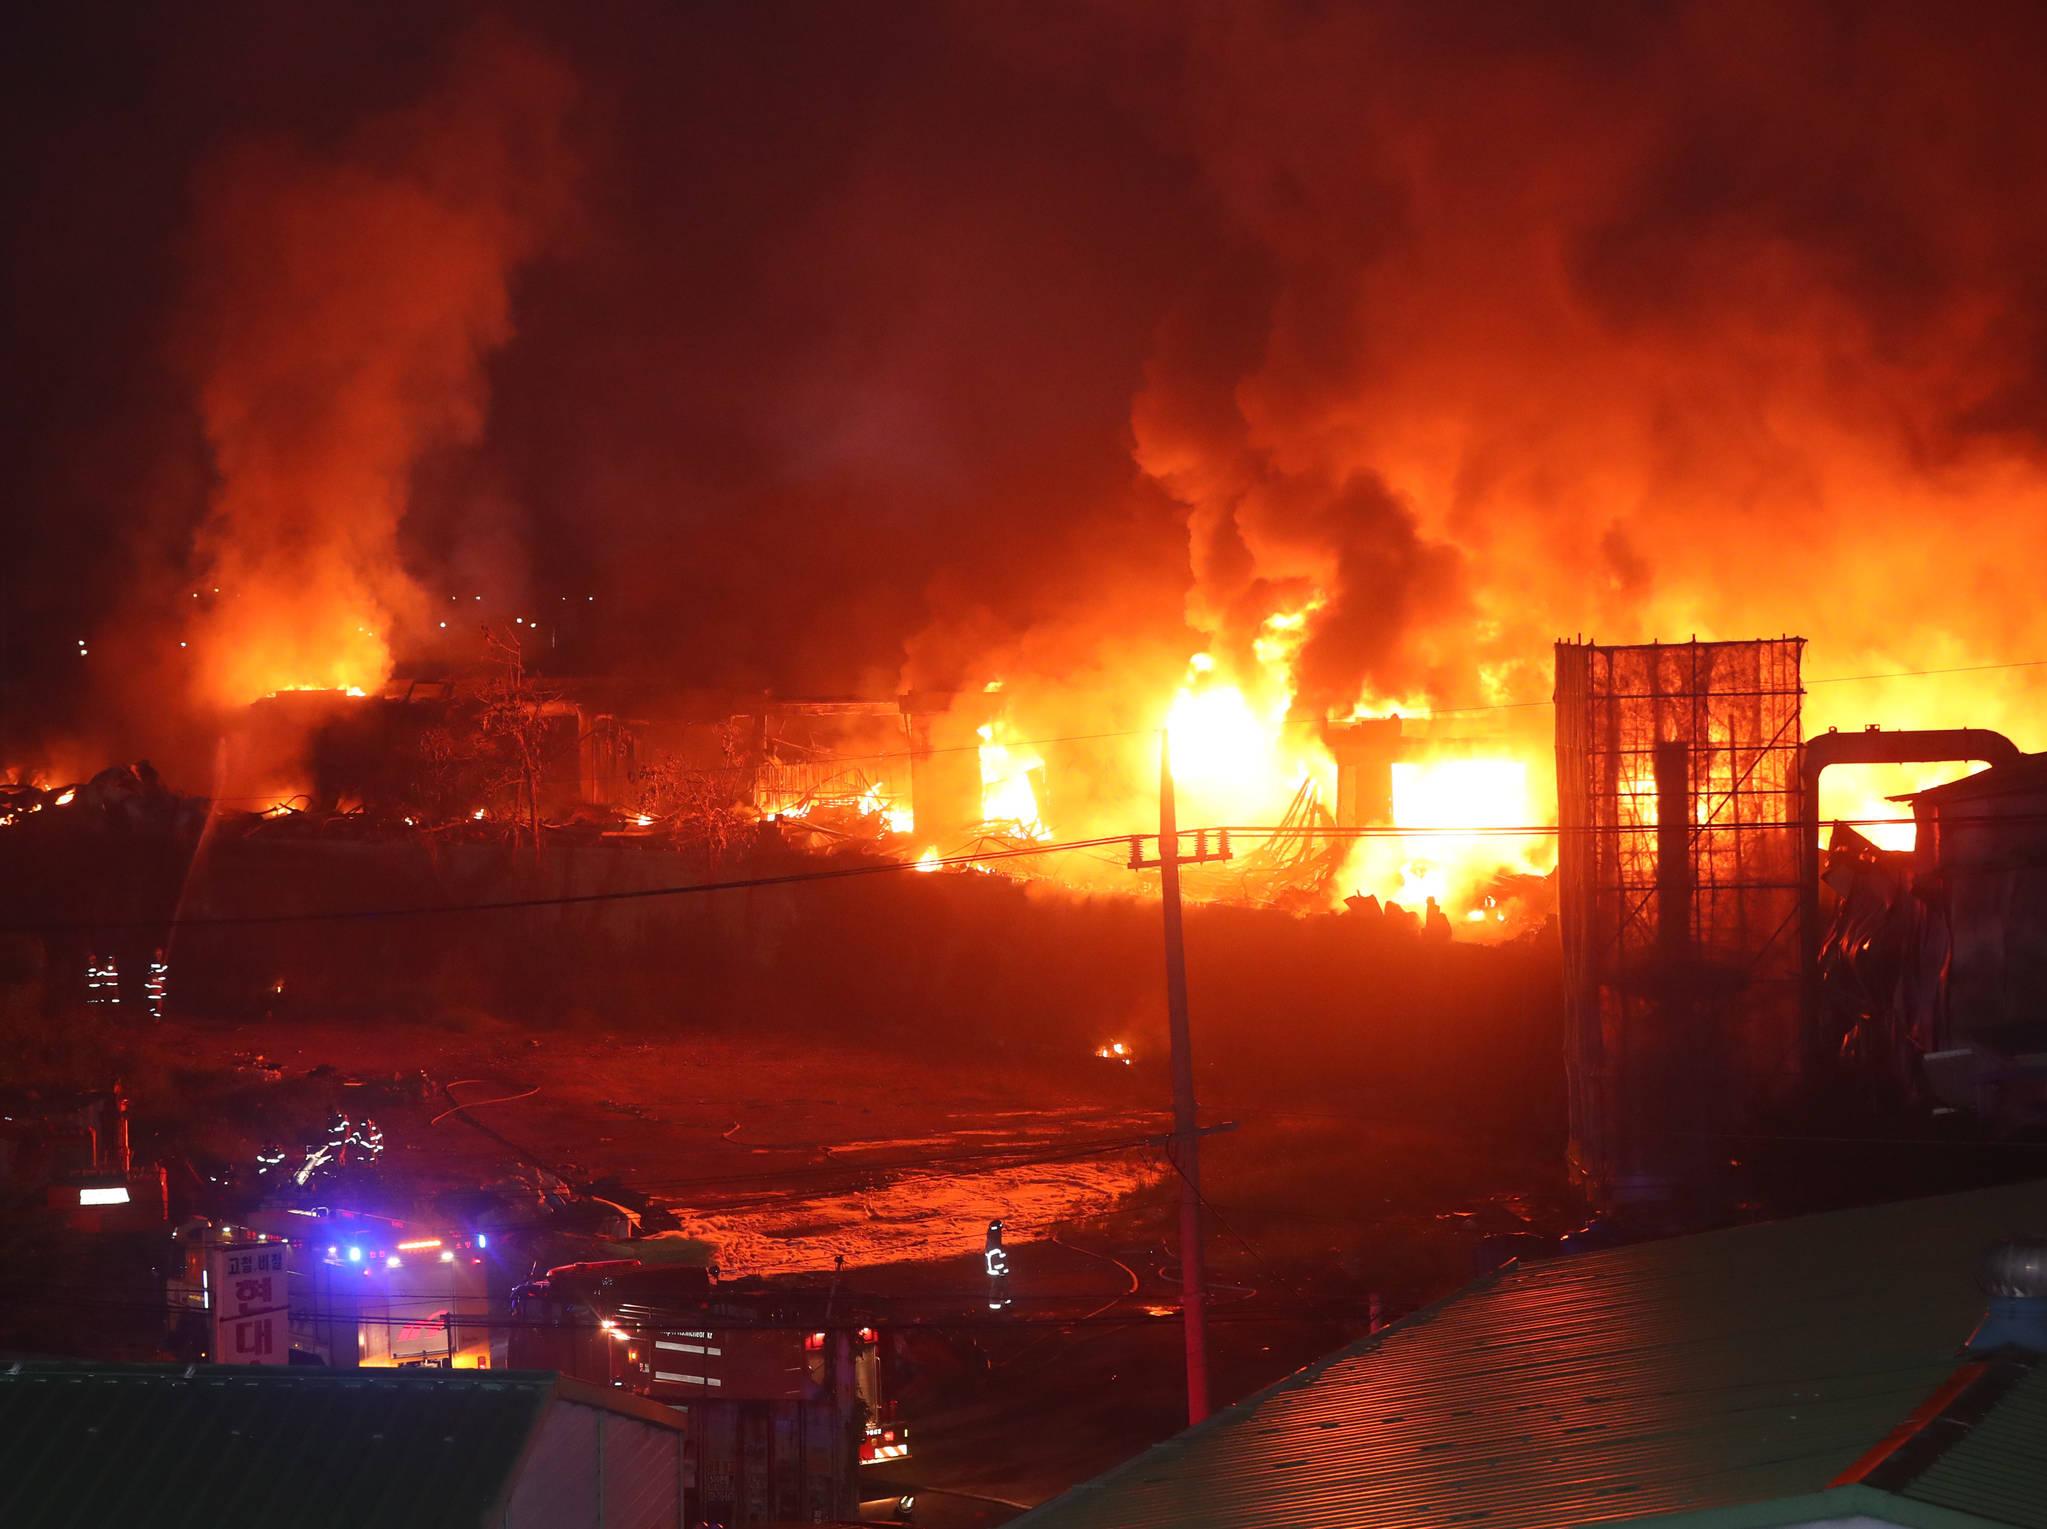 17일 새벽 화재가 발생한 인천시 서구 오류동 검단5도시 개발사업구역의 한 합성수지 제조 공장에서 불길이 치솟고 있다 있다. [연합뉴스]